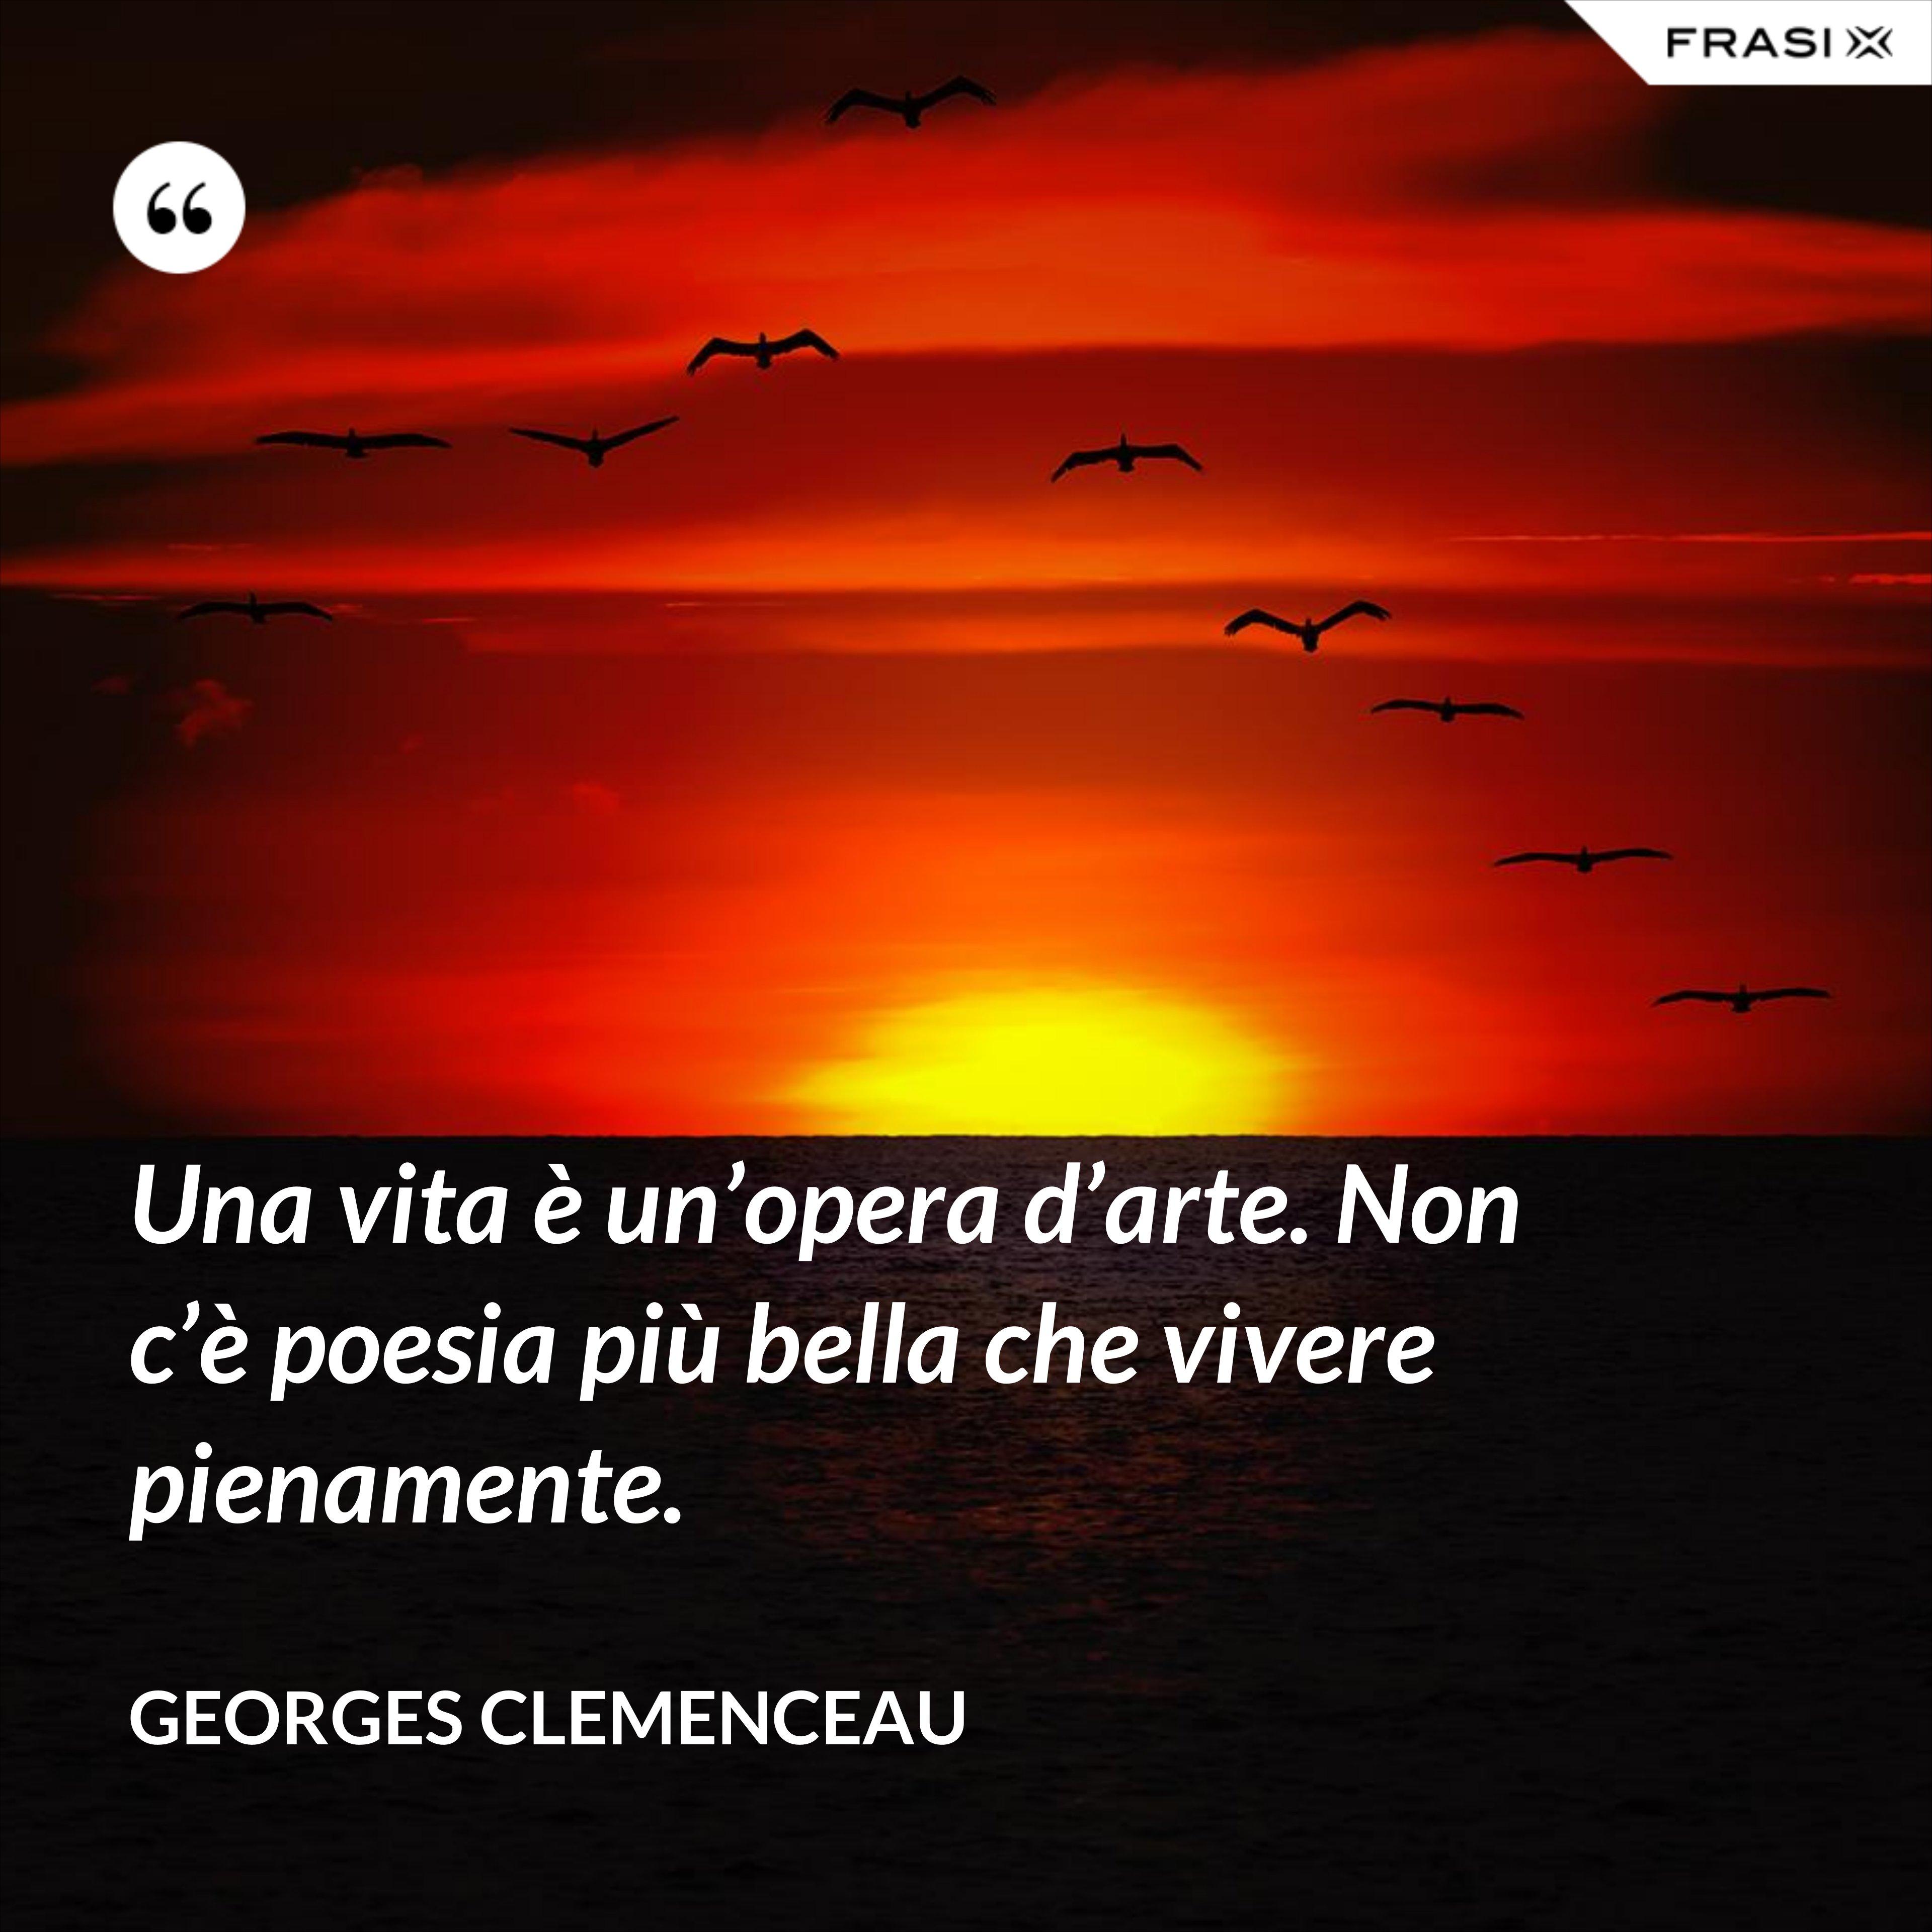 Una vita è un'opera d'arte. Non c'è poesia più bella che vivere pienamente. - Georges Clemenceau